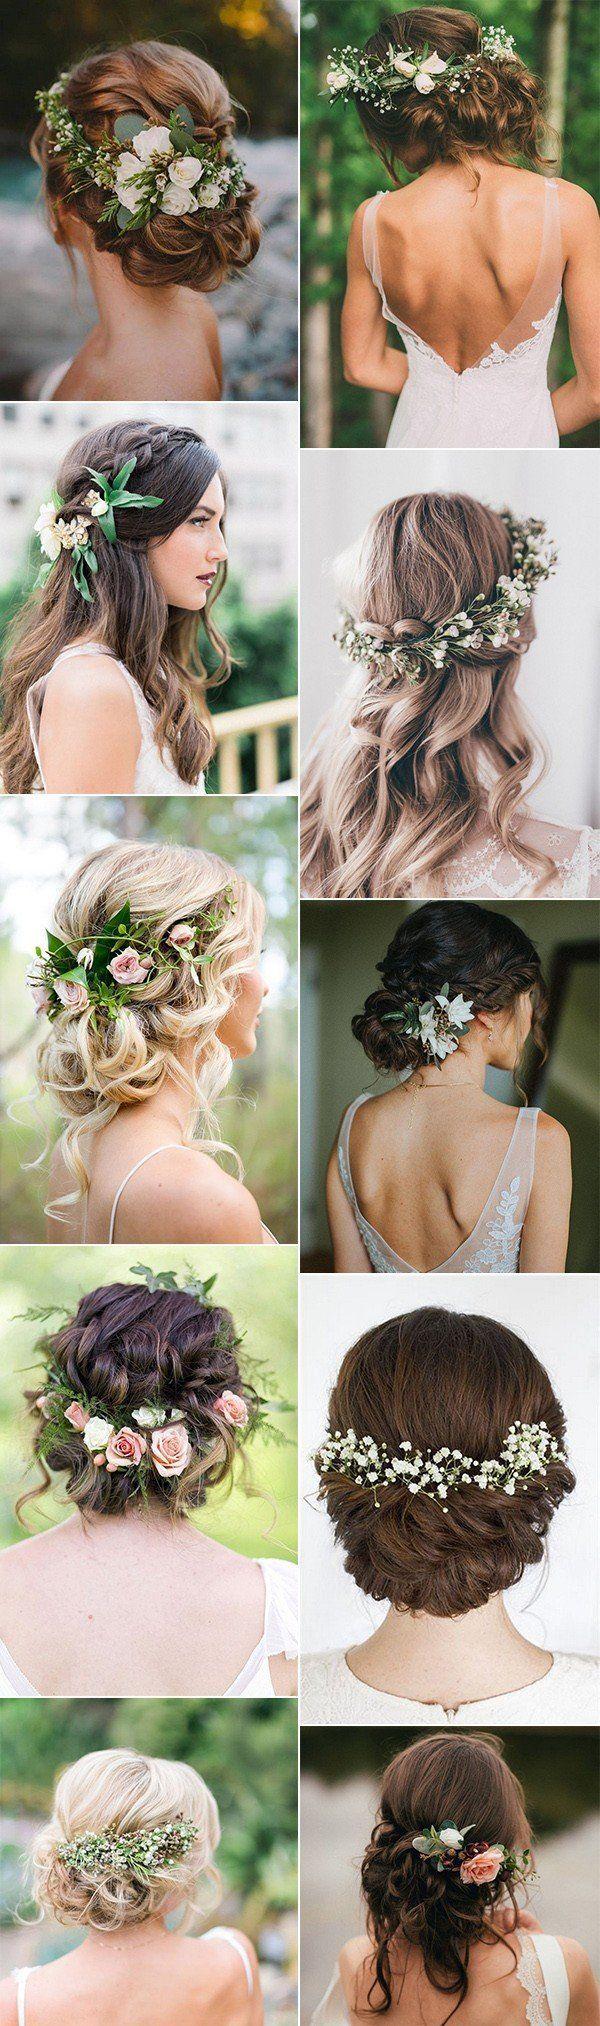 Ihr Hochzeitstag steht vor der Tür, und Sie müssen über Ihr Kleid, Ihren Blumenstrauß und über Ihr